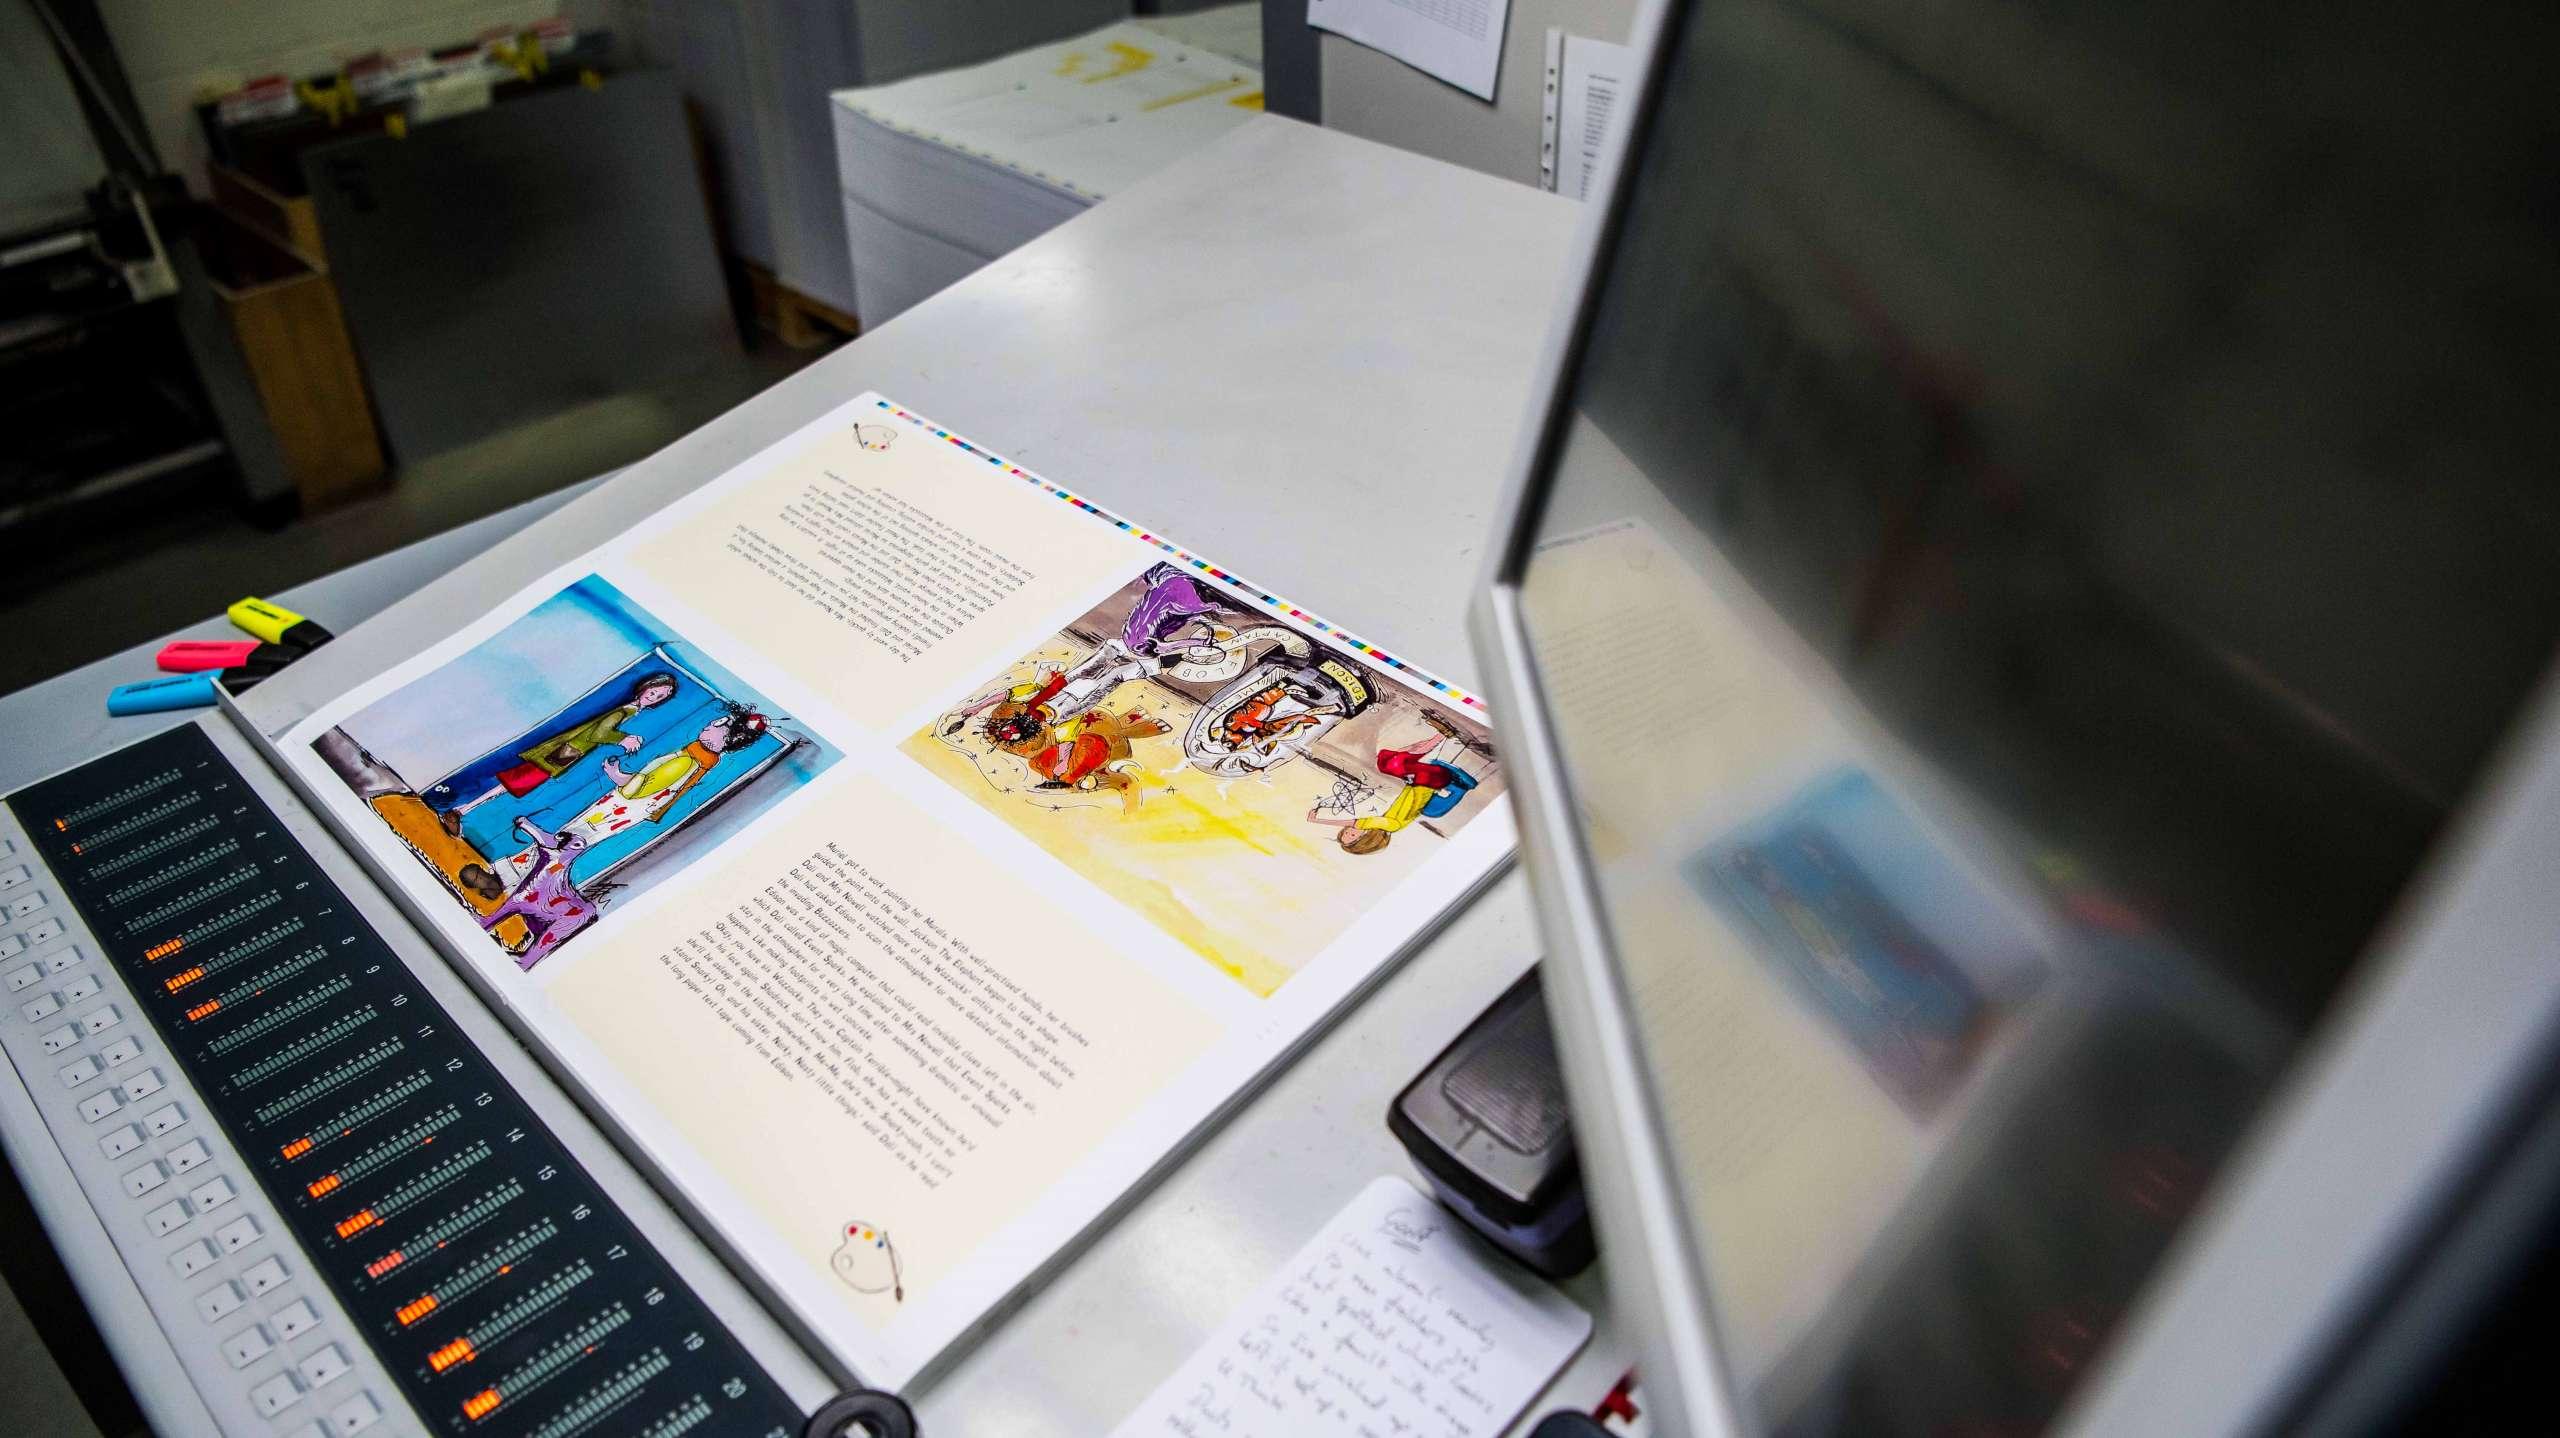 Magazine layout on desk